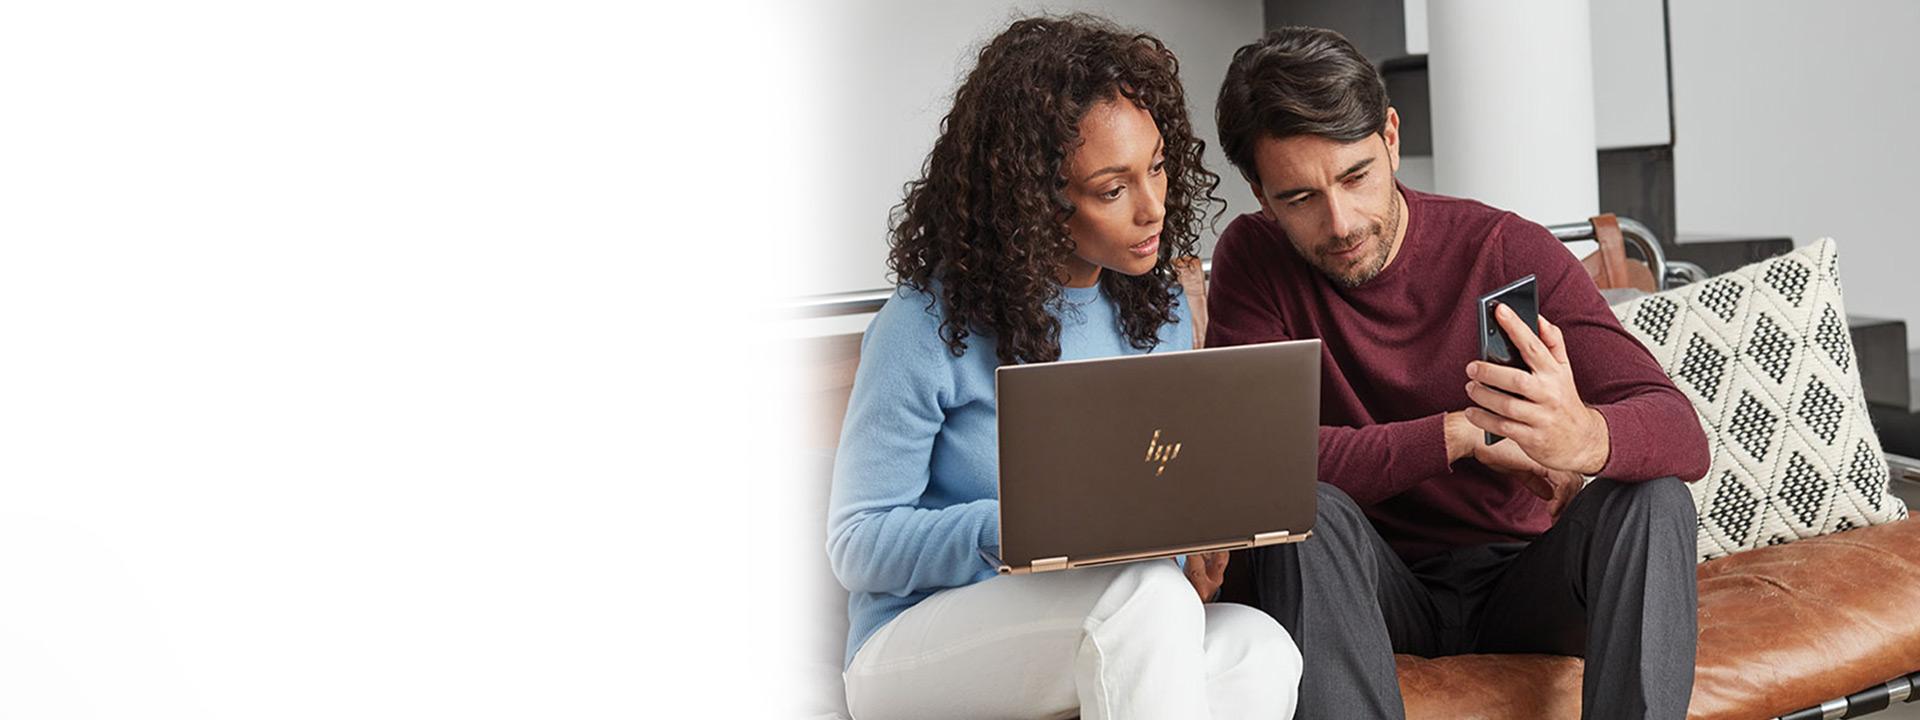 Naine ja mees istuvad diivanil ning vaatavad koos Windows 10 sülearvutit ja mobiiliseadet